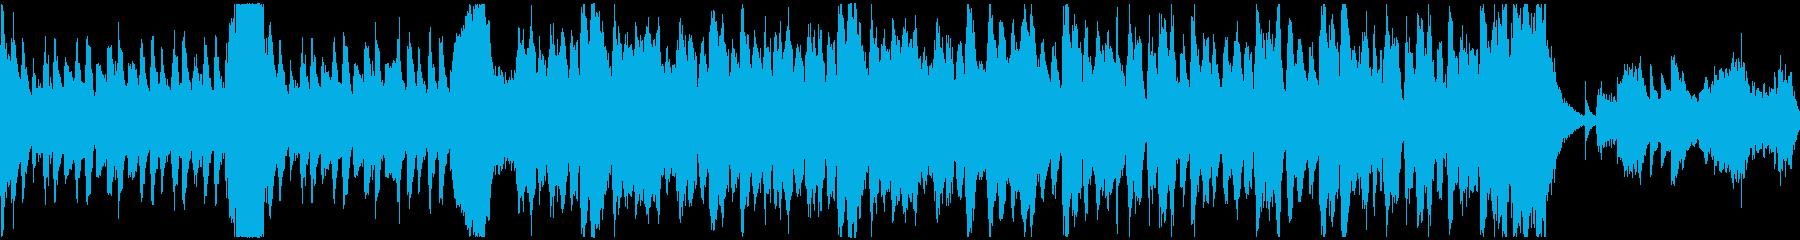 ホラーなオーケストラのループ素材の再生済みの波形